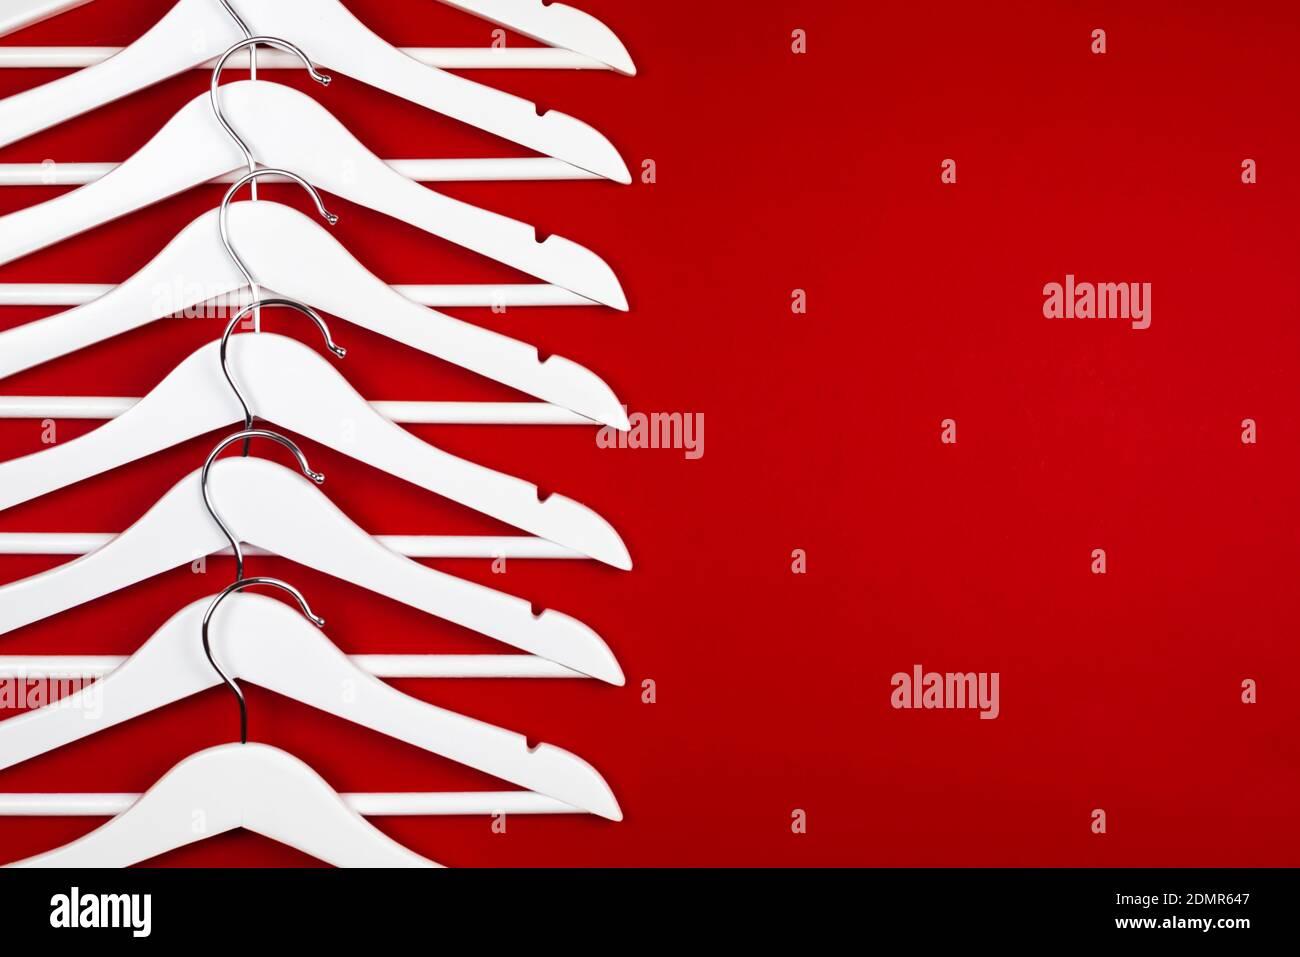 Imagen en color horizontal con vista frontal de perchas blancas sobre fondo rojo. Concepto de venta de ropa. Foto de stock